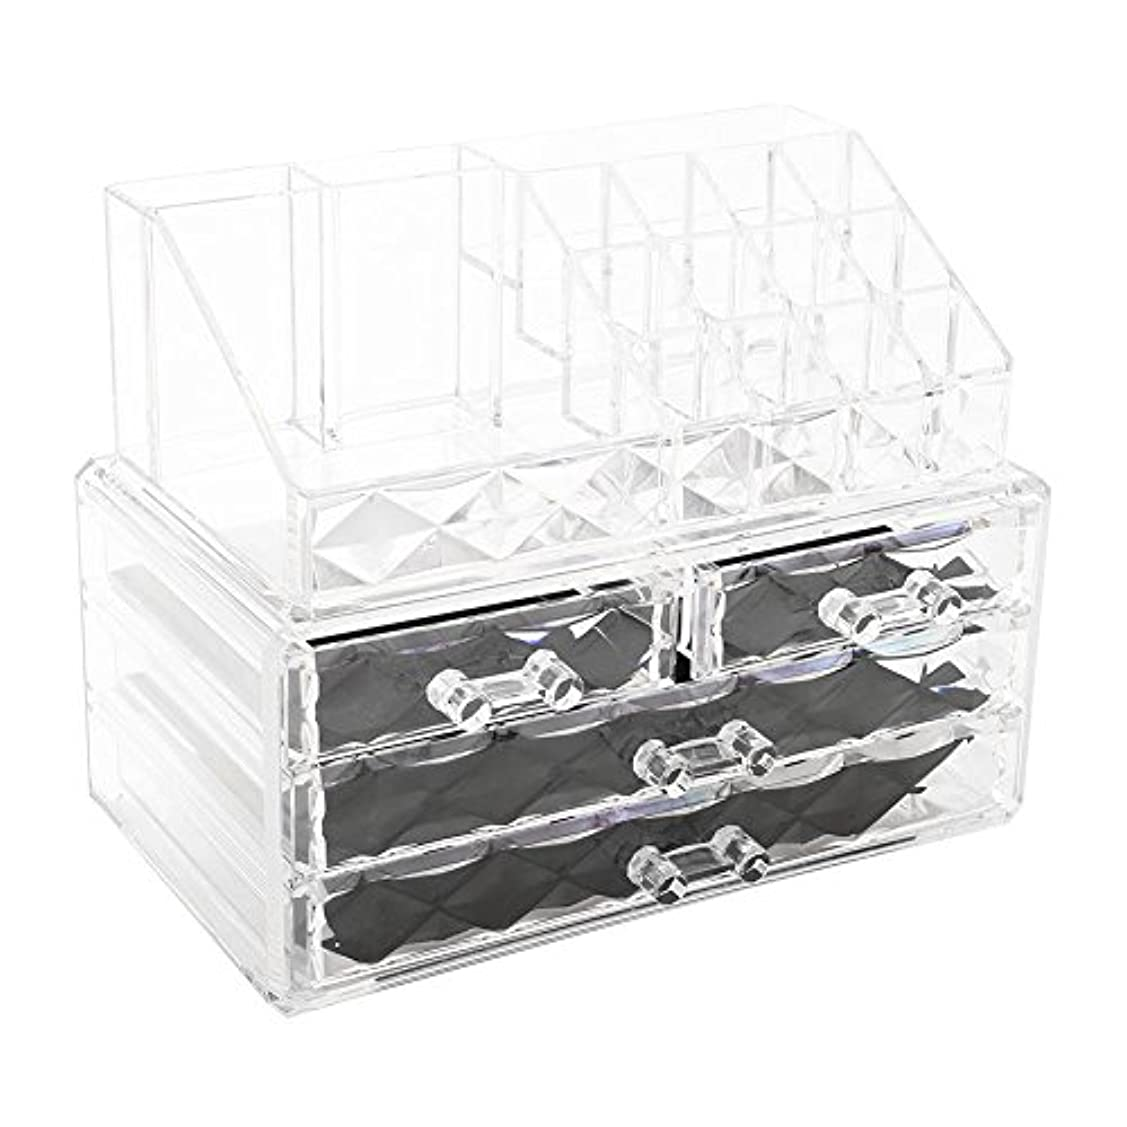 フレット国民不十分化粧品収納ボックス アクリル製 2段式 三つ引き出し 大容量 多機能 丈夫 耐用 防塵 高透明度 化粧道具 小物入れ 化粧品入れ コスメ収納スタンド(2色) (透明)